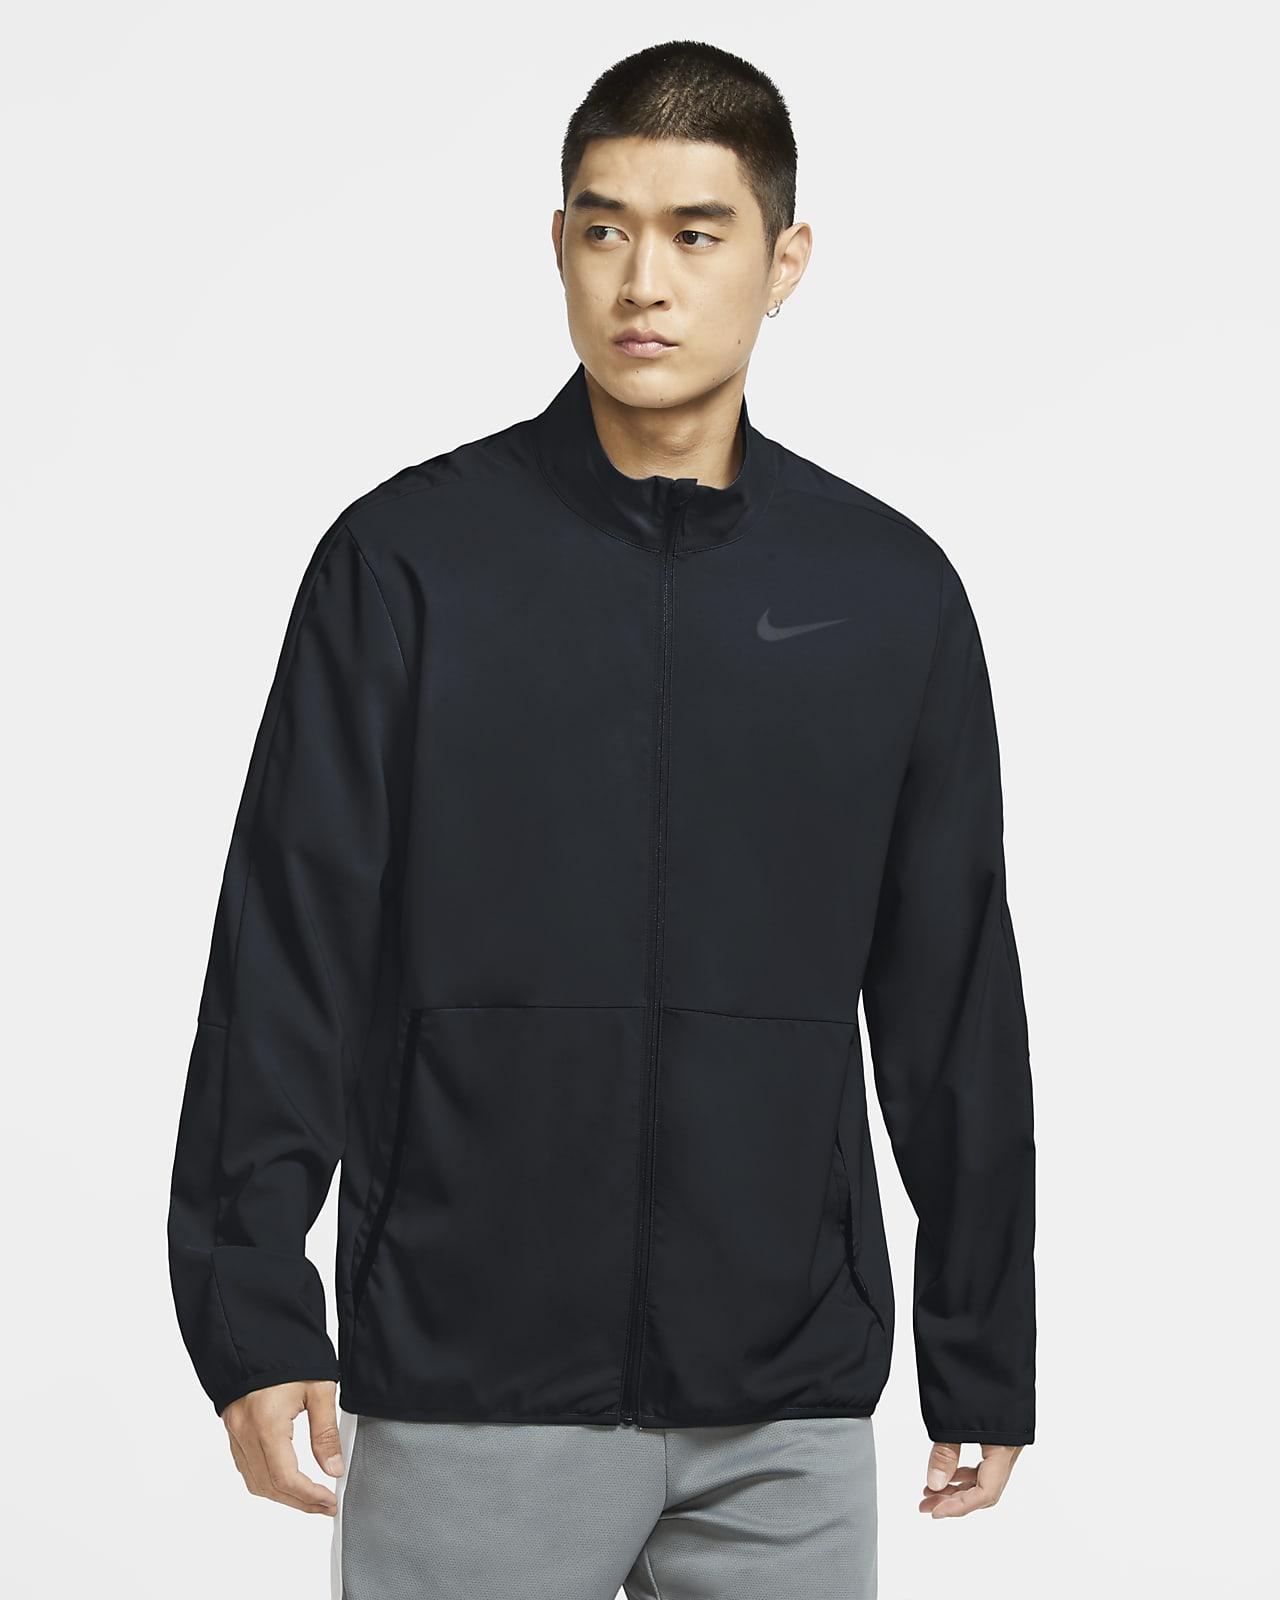 Nike Dri-FIT Men's Woven Training Jacket